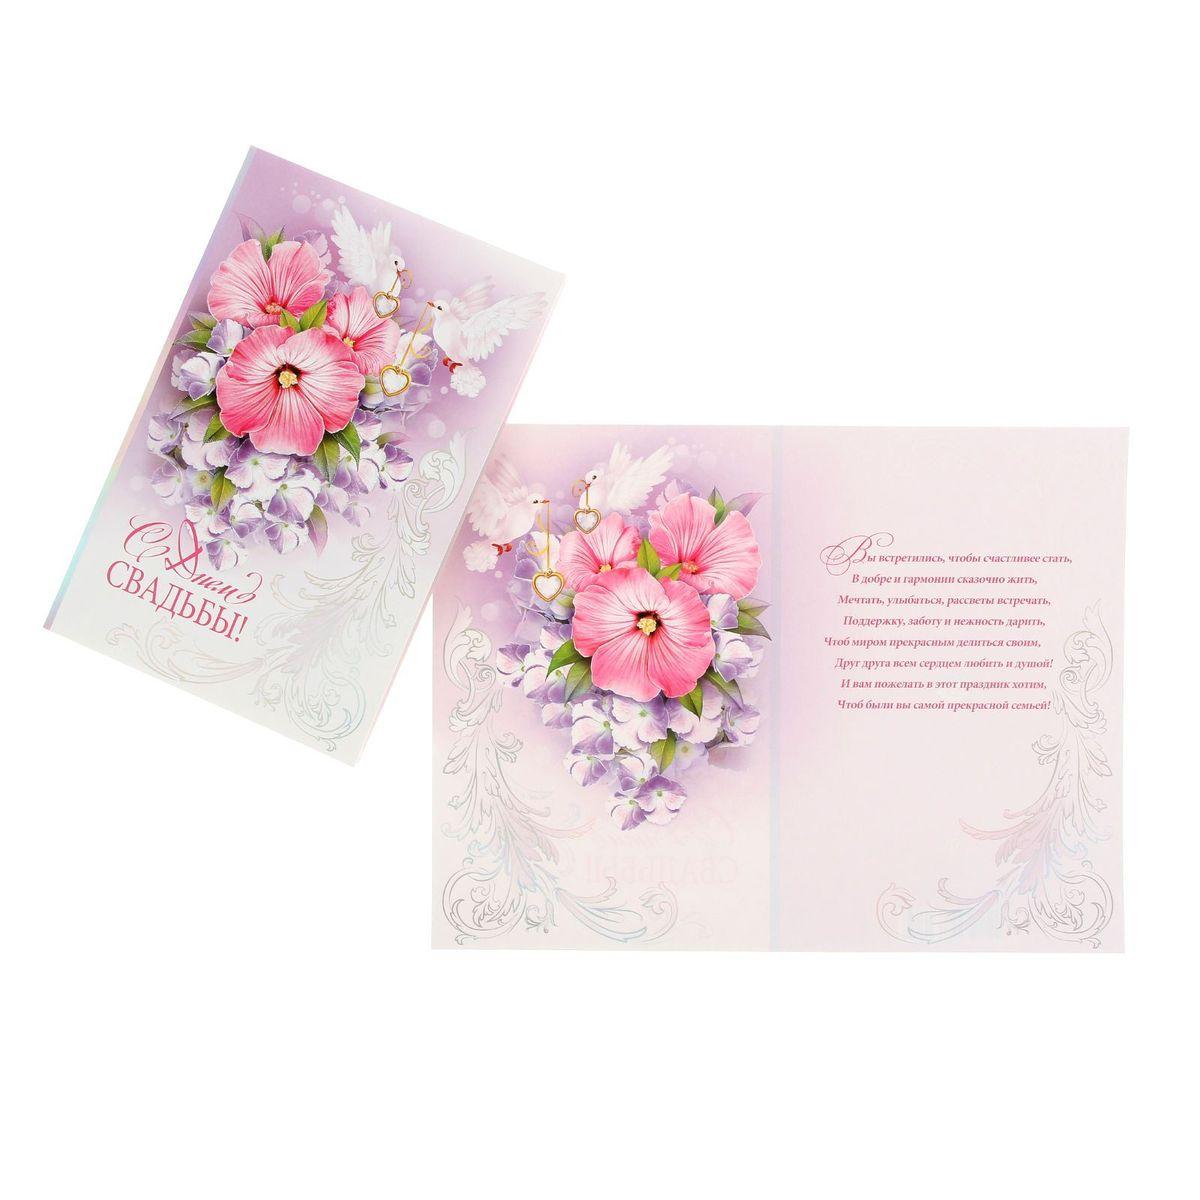 Открытка Мир открыток С Днем СВАДЬБЫ! Цветы и голуби1113211Если вы хотите порадовать себя или близких, создать праздничное настроение и с улыбкой провести памятный день, то вы, несомненно, сделали правильный выбор! Открытка Мир открыток С Днем СВАДЬБЫ! Цветы и голуби, выполненная из картона, отличается не только оригинальным дизайном, но и высоким качеством.Лицевая сторона изделия оформлена красивым изображением цветов и голубей, а также фольгированным тиснением конгрев. Внутри открытка содержит текст с поздравлением.Такая открытка непременно порадует получателя и станет отличным напоминанием о проведенном вместе времени.